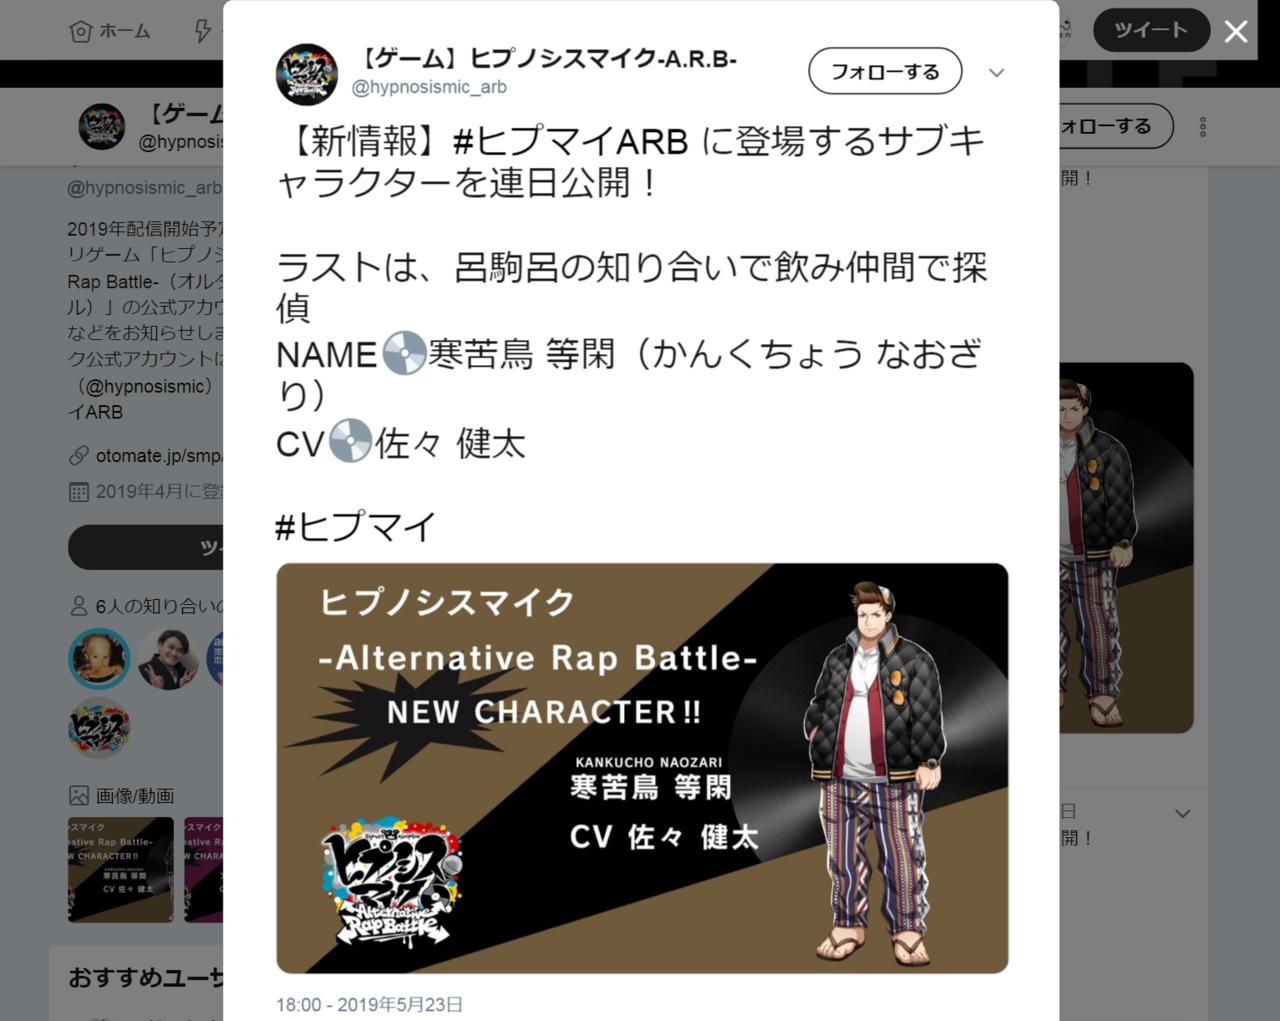 『ヒプノシスマイク』ゲーム新キャラ【ラスト】は探偵!「お腹さわりたい」「色んな意味で読めない」